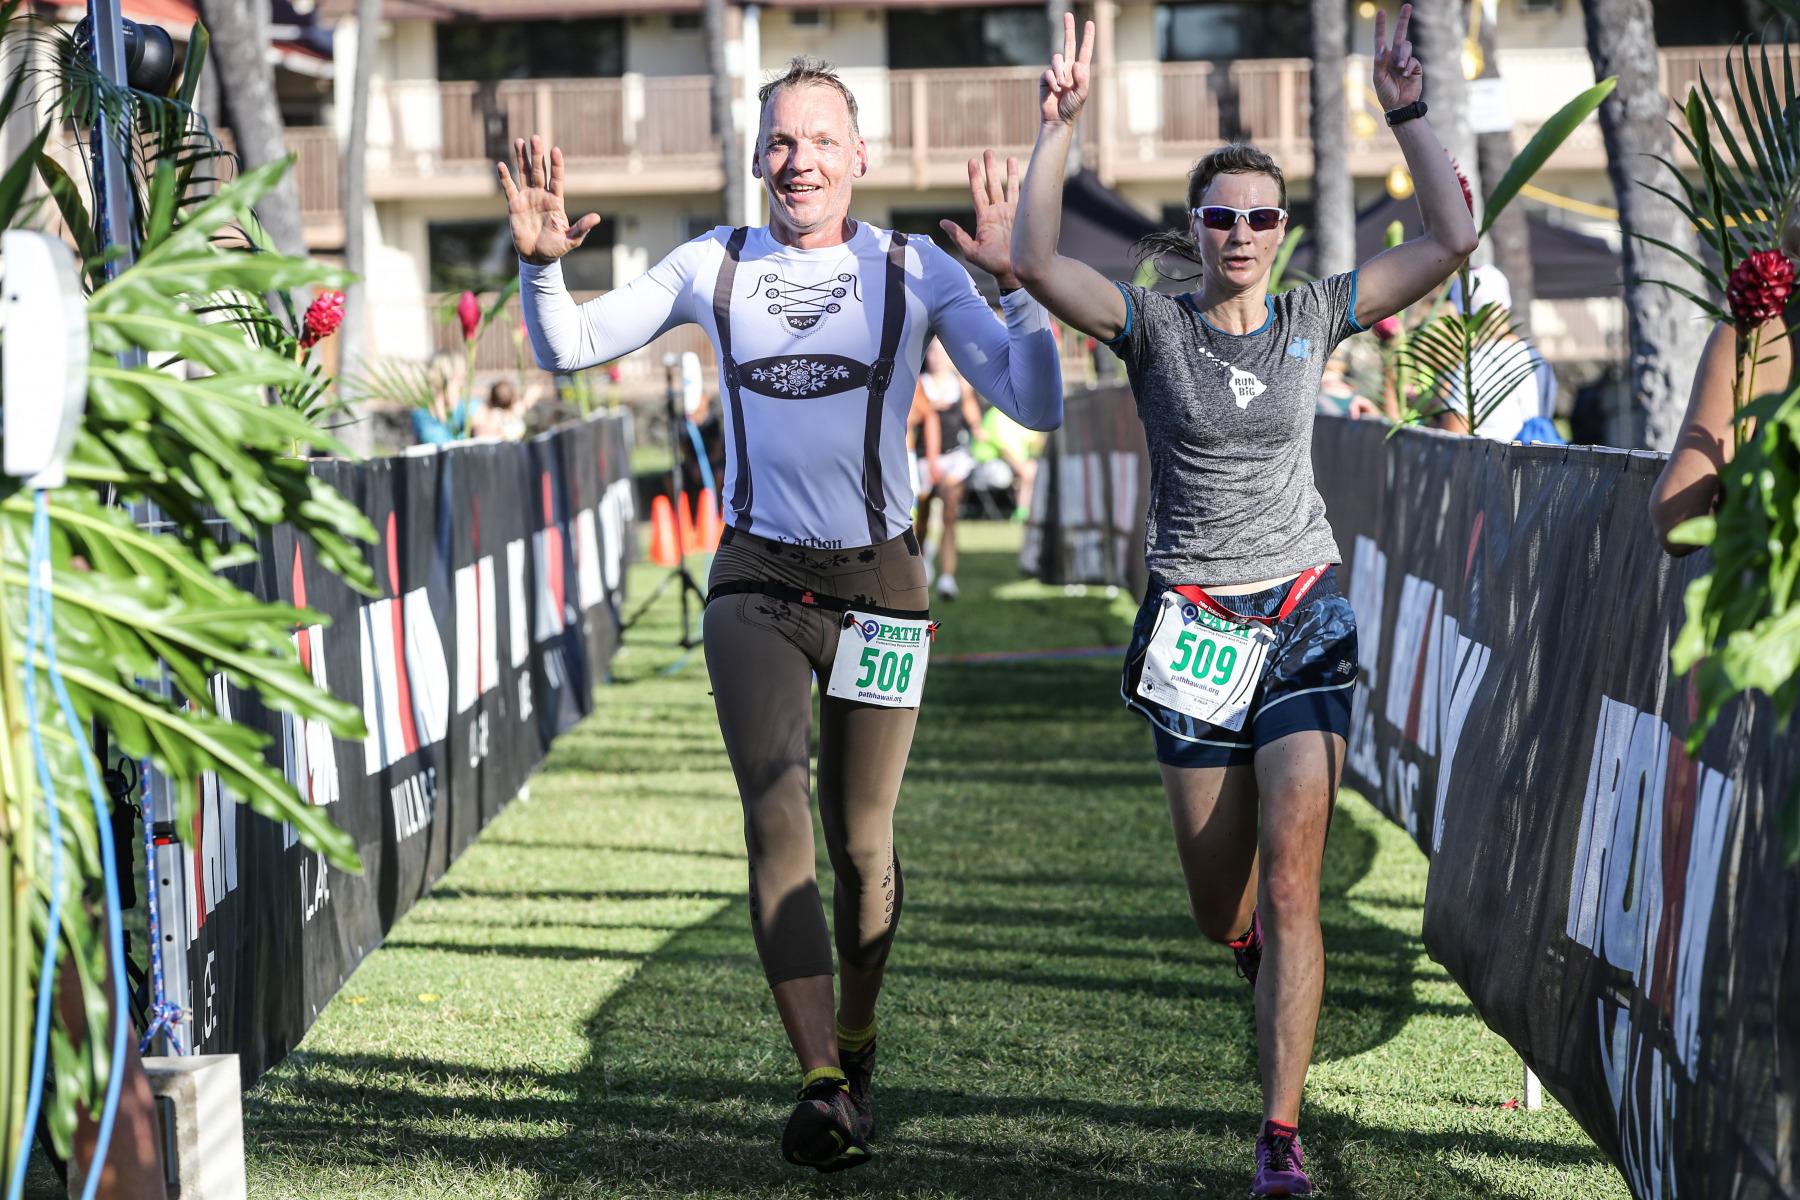 Eindeutig ein Läufer from Germany. Die deutschen Sportlerinnen und Sportler haben den Path Run für sich entdeckt. In fast jeder Altersklasse läuft einer oder eine in die Top 3.